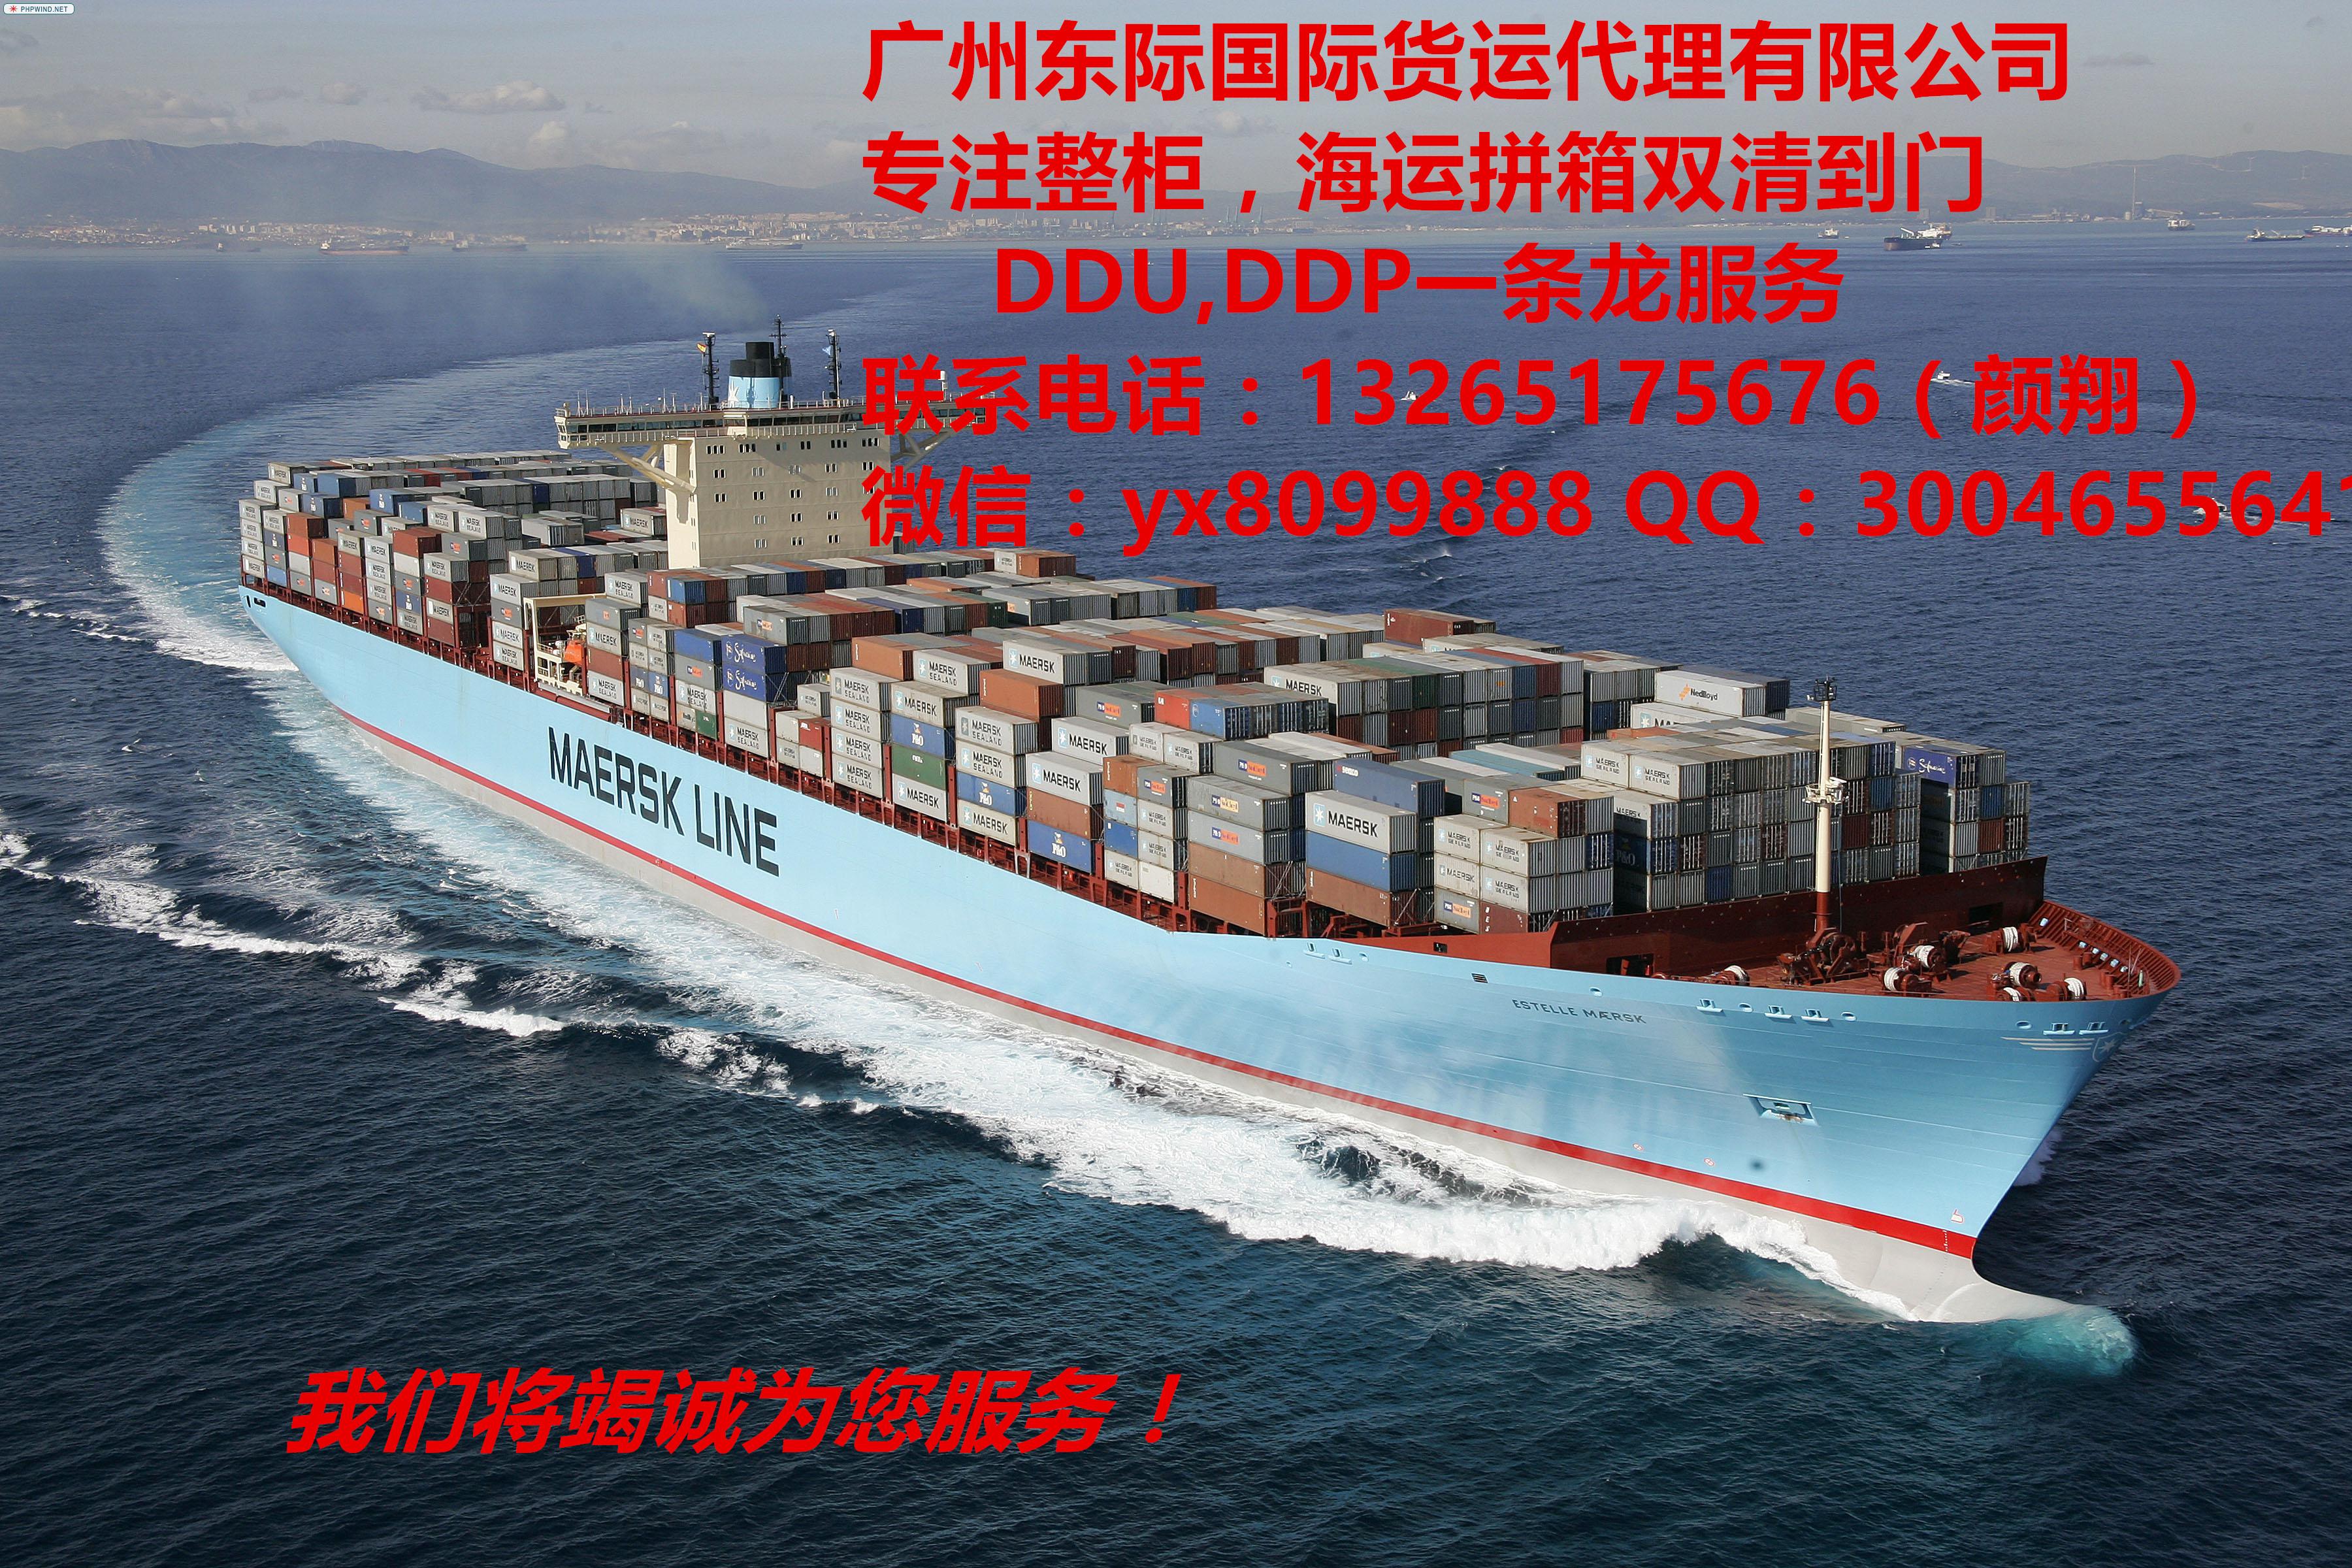 澳洲国际海运 澳洲国际海运拼箱